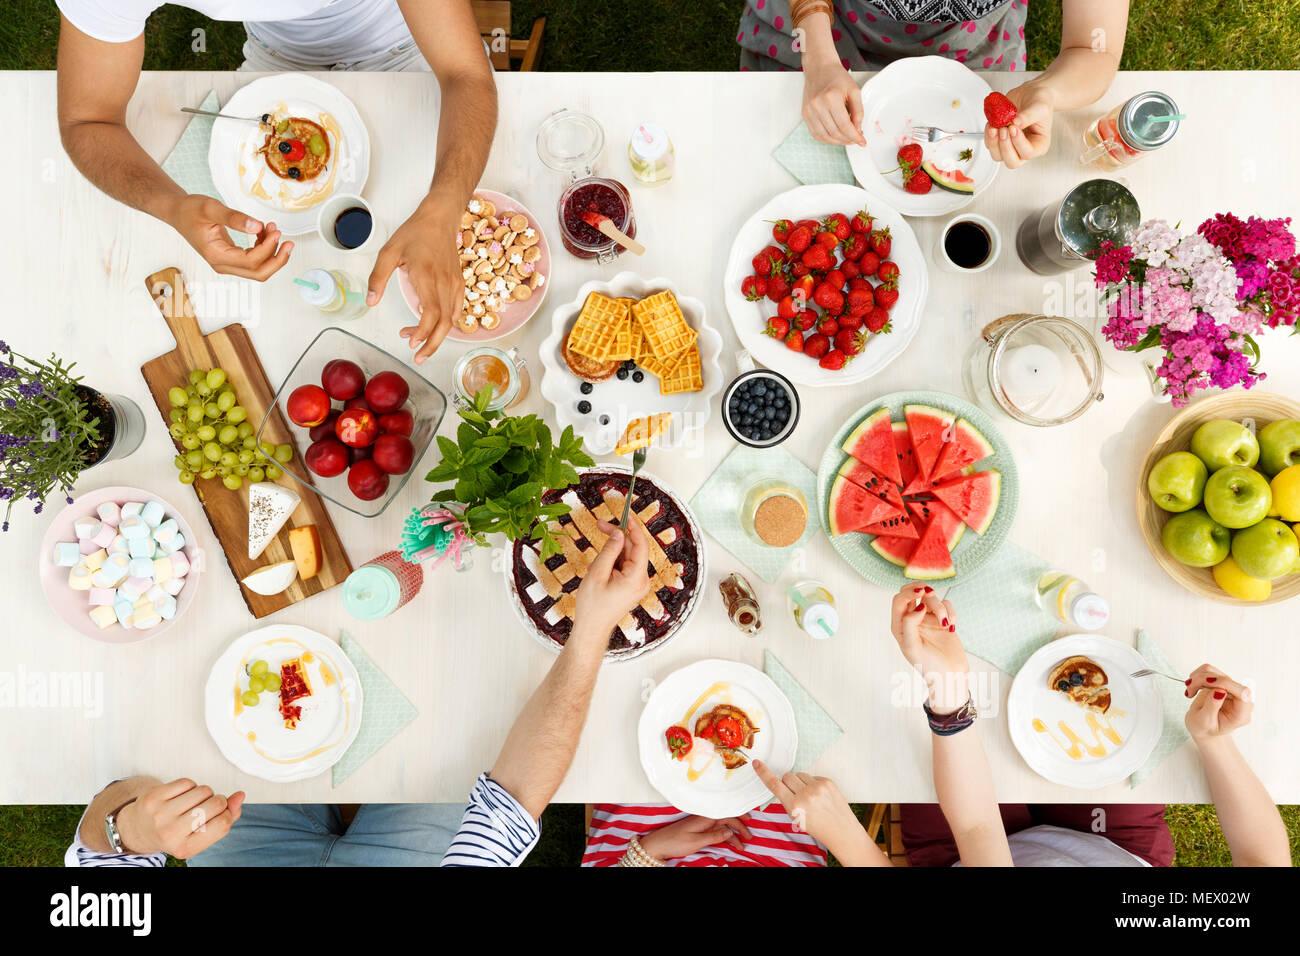 Multikulturelle Gruppe teilen gesunde Lebensmittel wie Obst und Käse außerhalb mit Blumen auf dem Tisch Stockbild